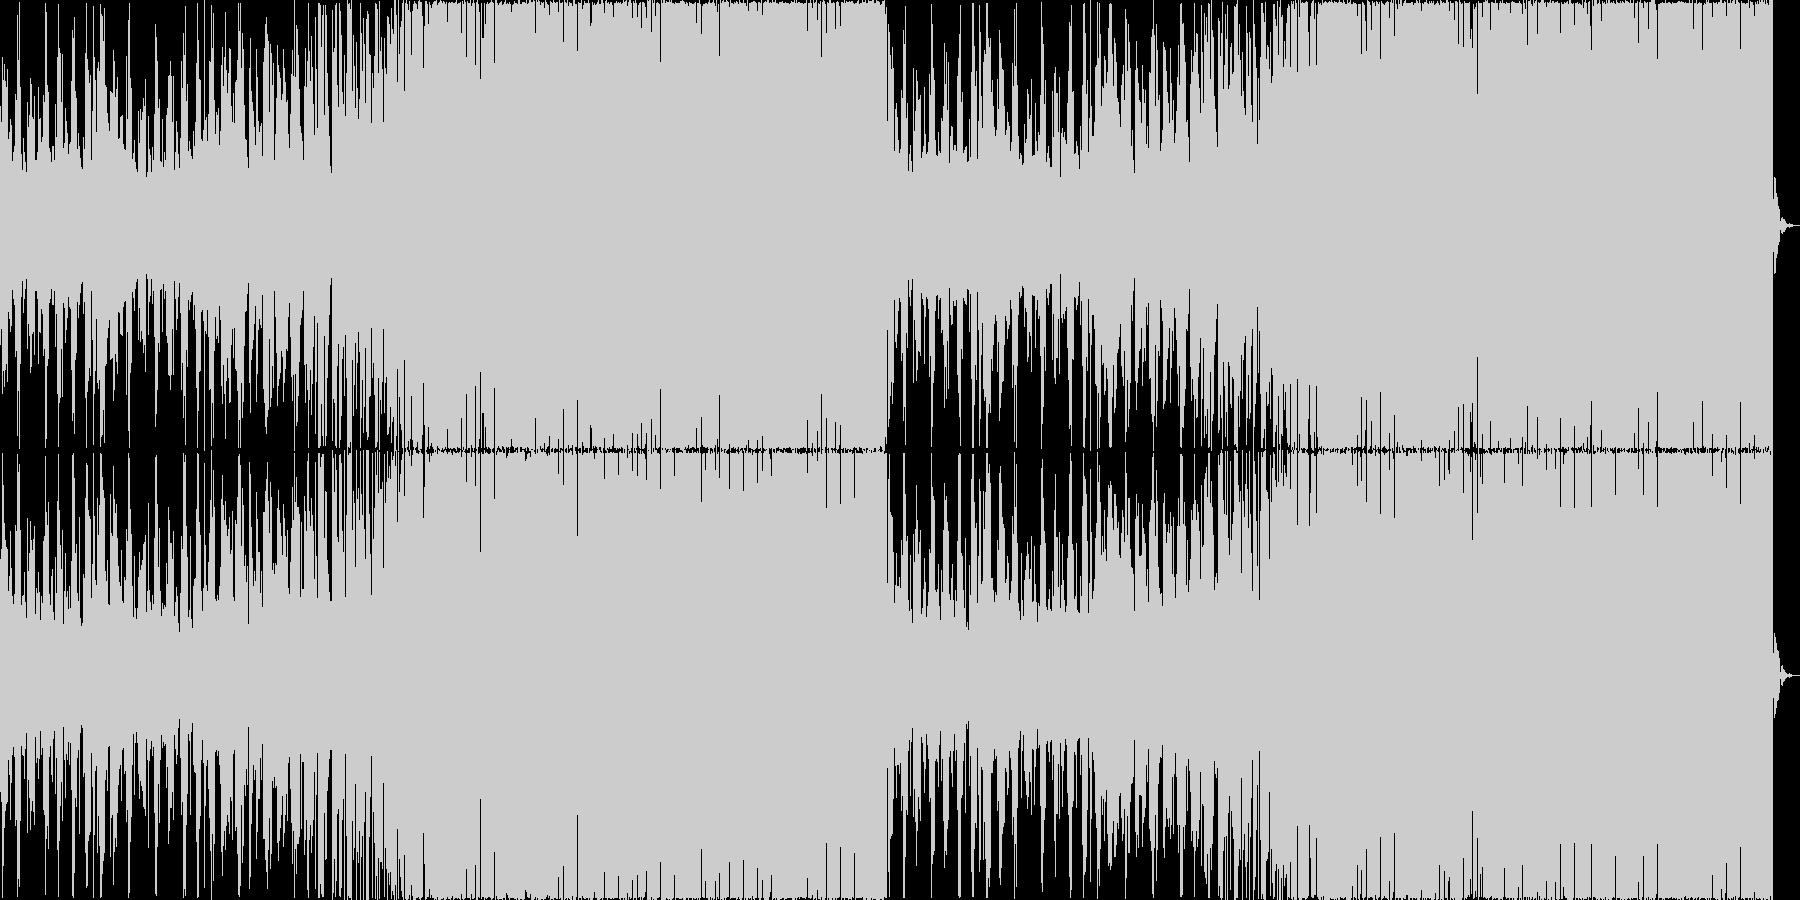 チルアウトクールなトロピカルハウスaの未再生の波形